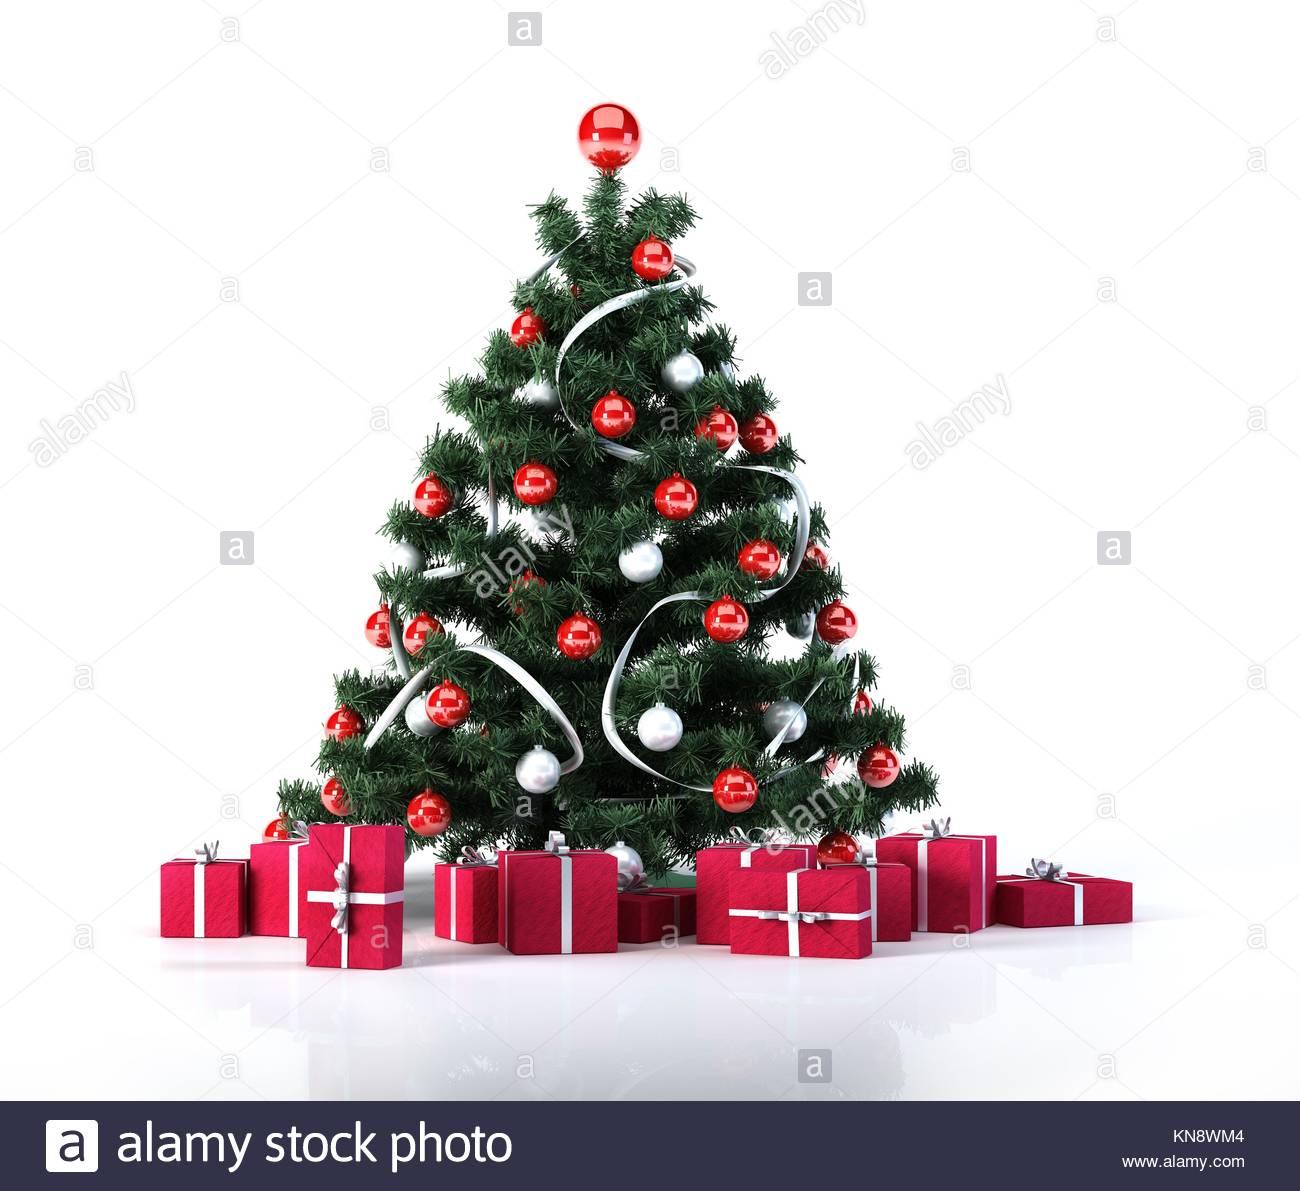 Pallina Natale Con Foto Digitale.Albero Di Natale Con Palline Dorate E Decorazione Al Di